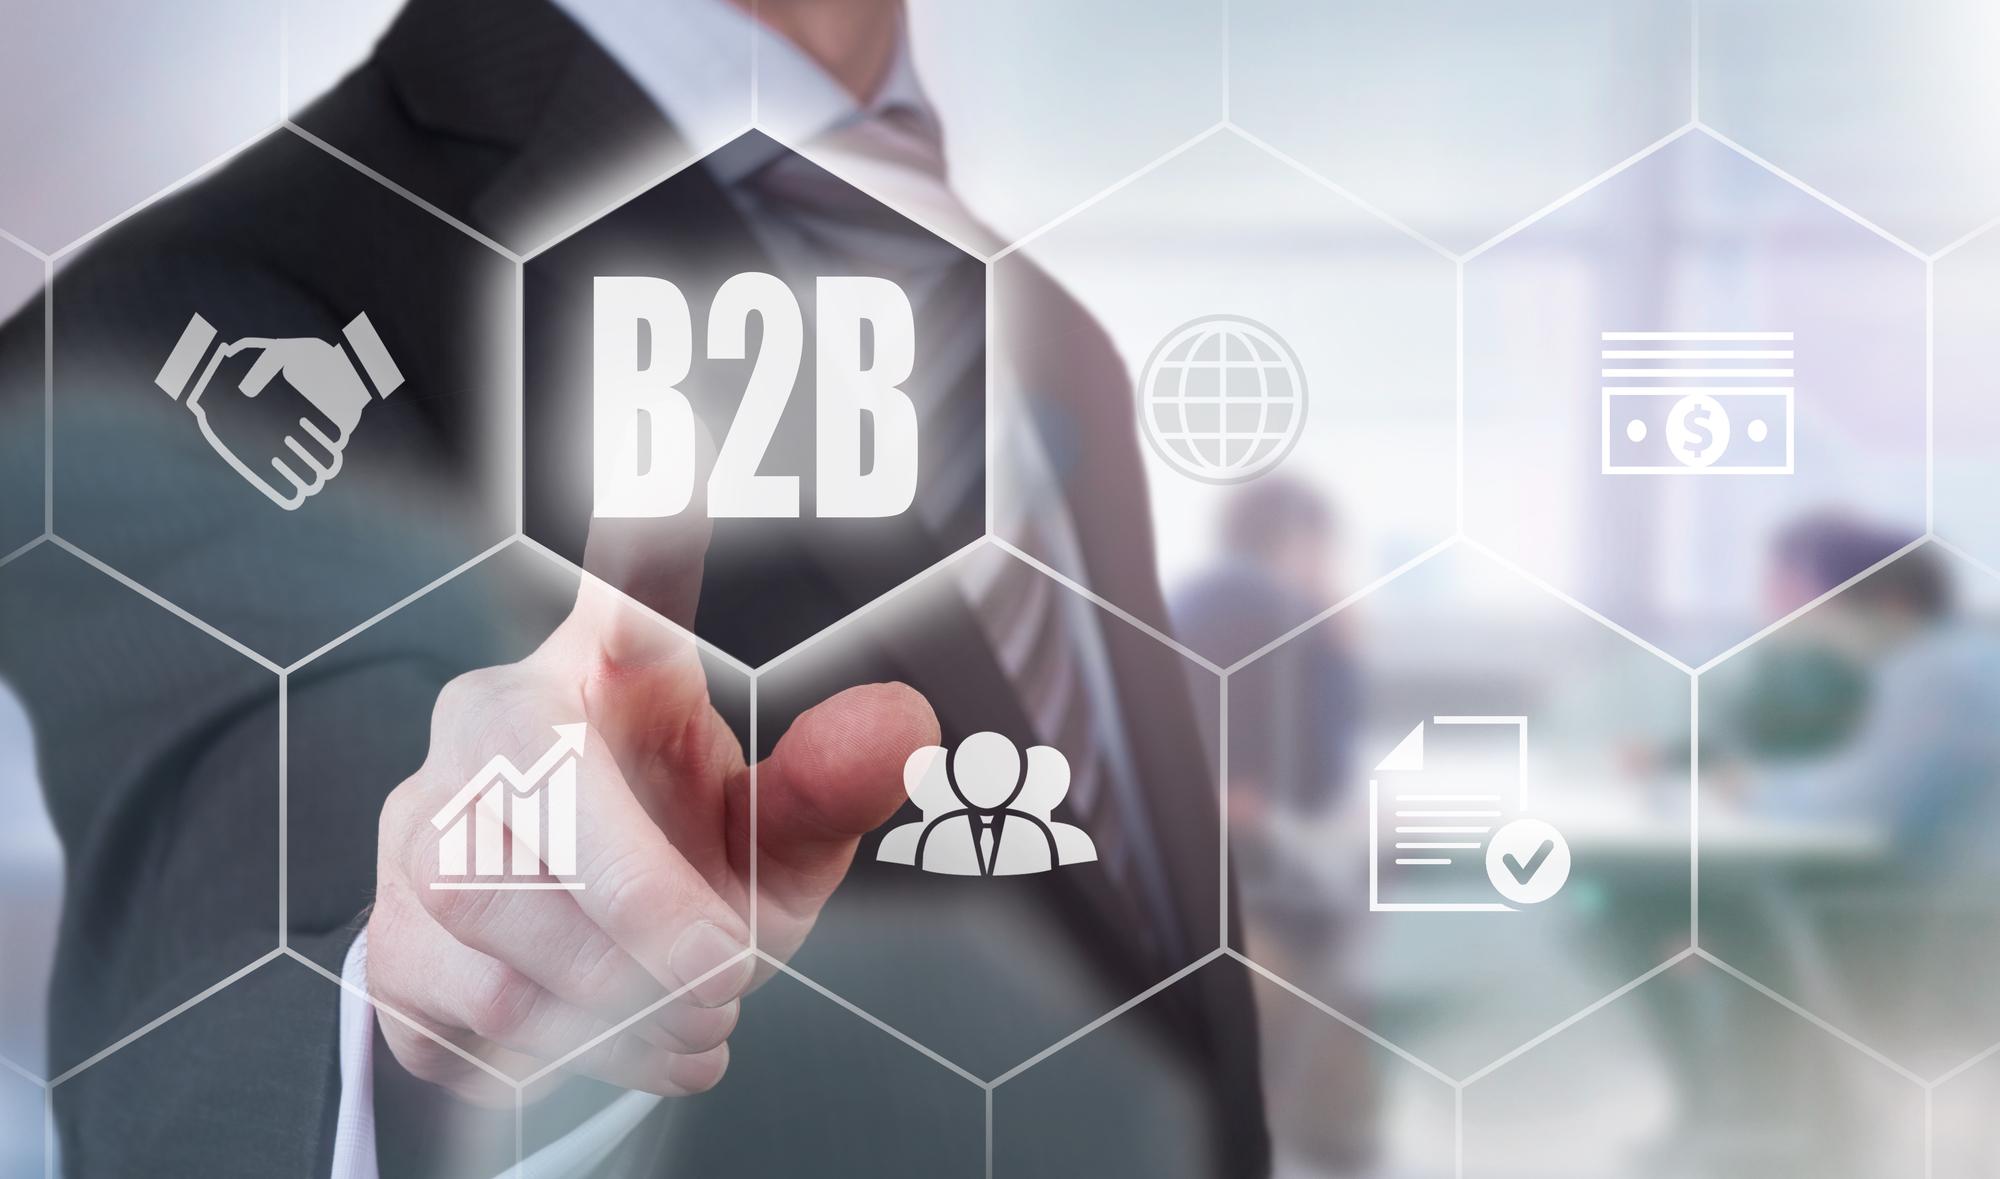 Oczekiwania Klientów B2B